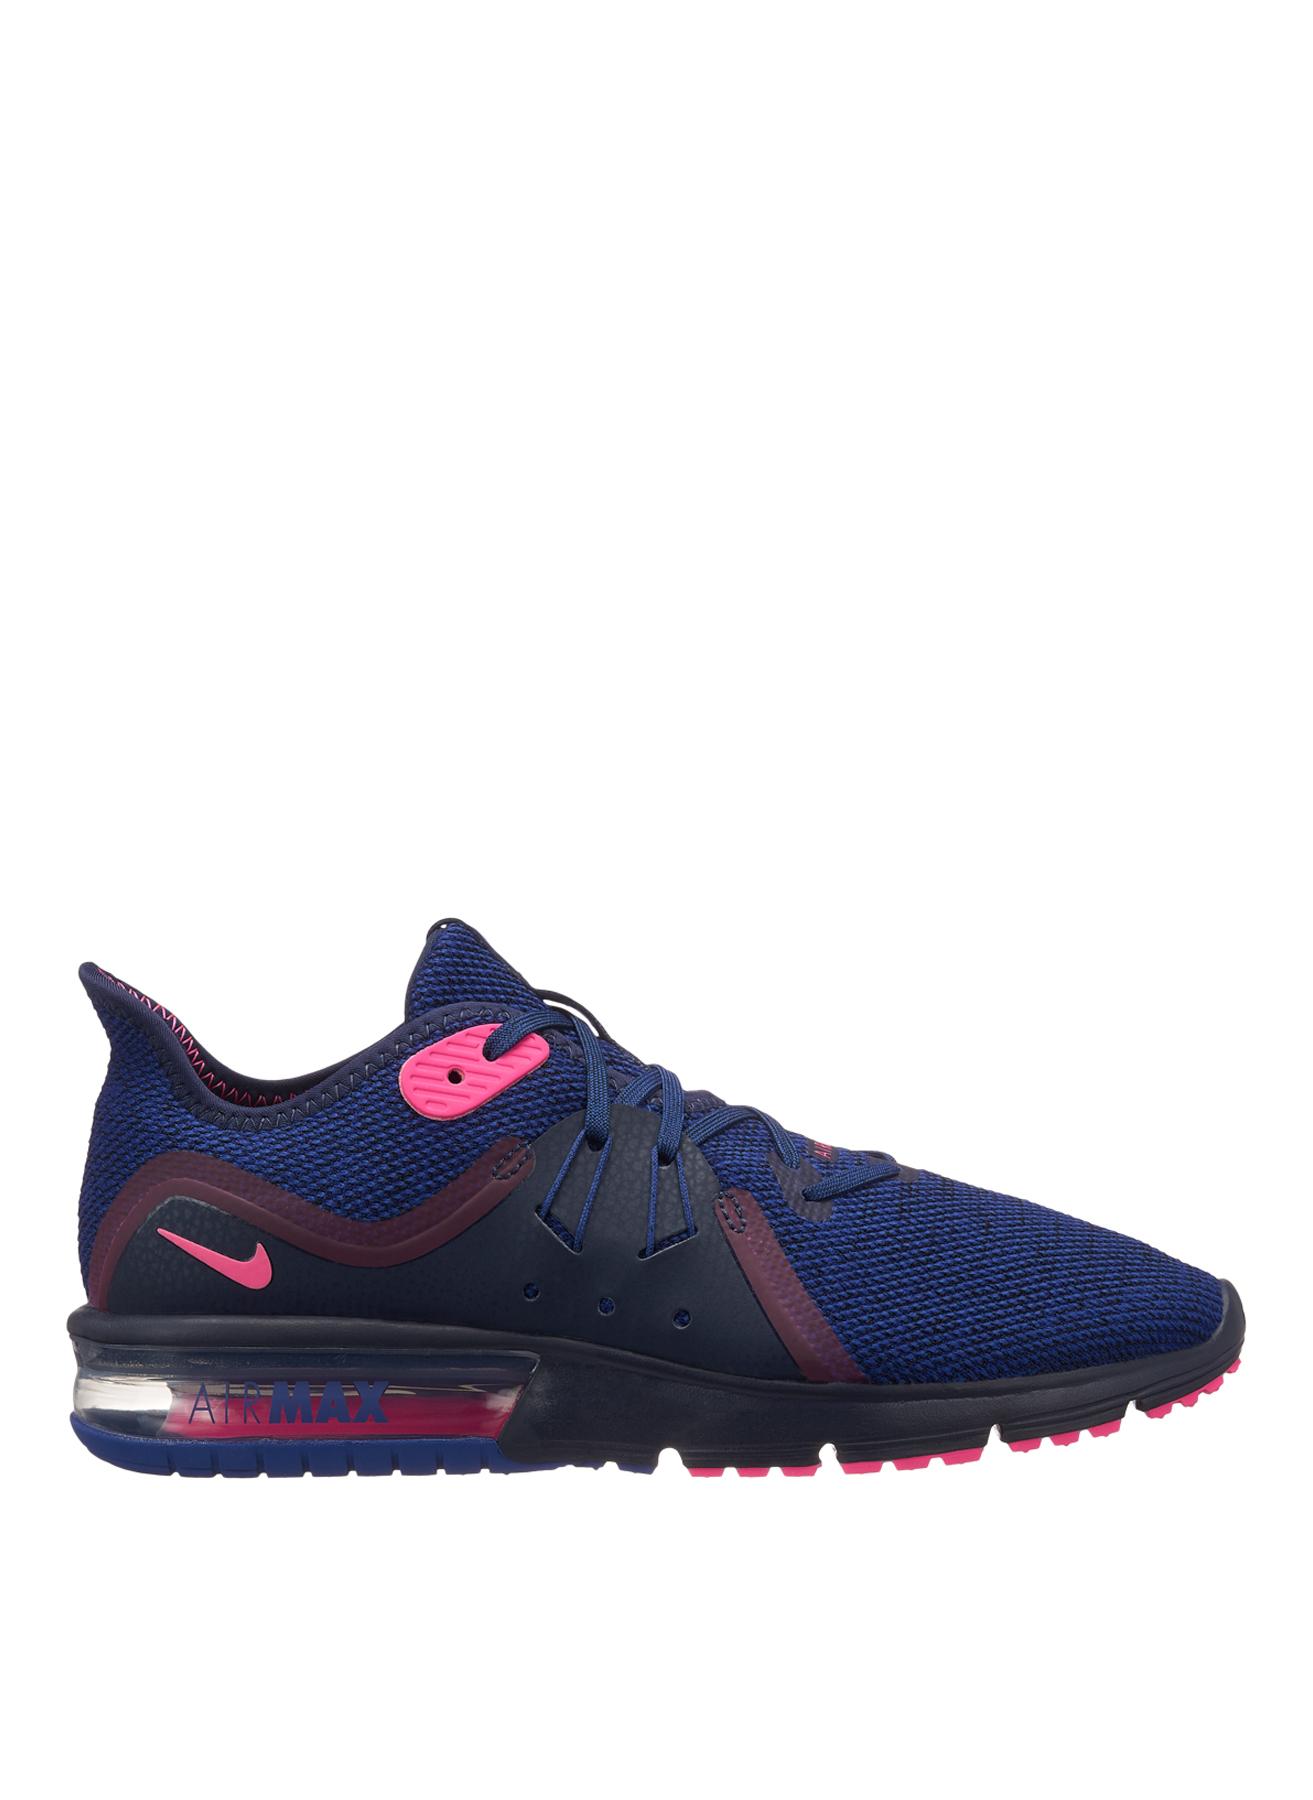 Nike Air Max Sequent 3 Koşu Ayakkabısı 40 5001634994006 Ürün Resmi